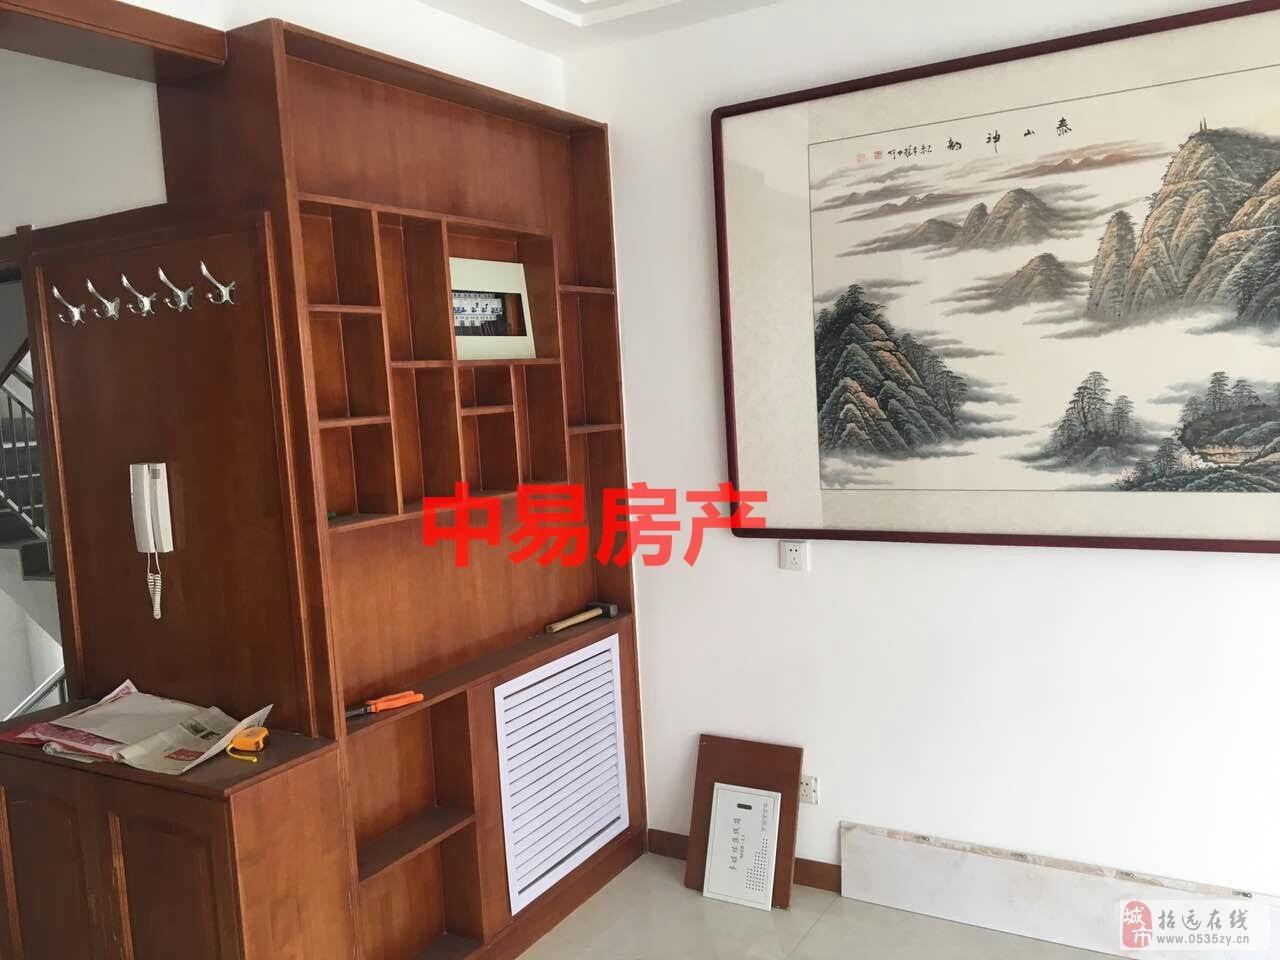 招远出售【南都丽景】87平米实木精装未住超低价47万